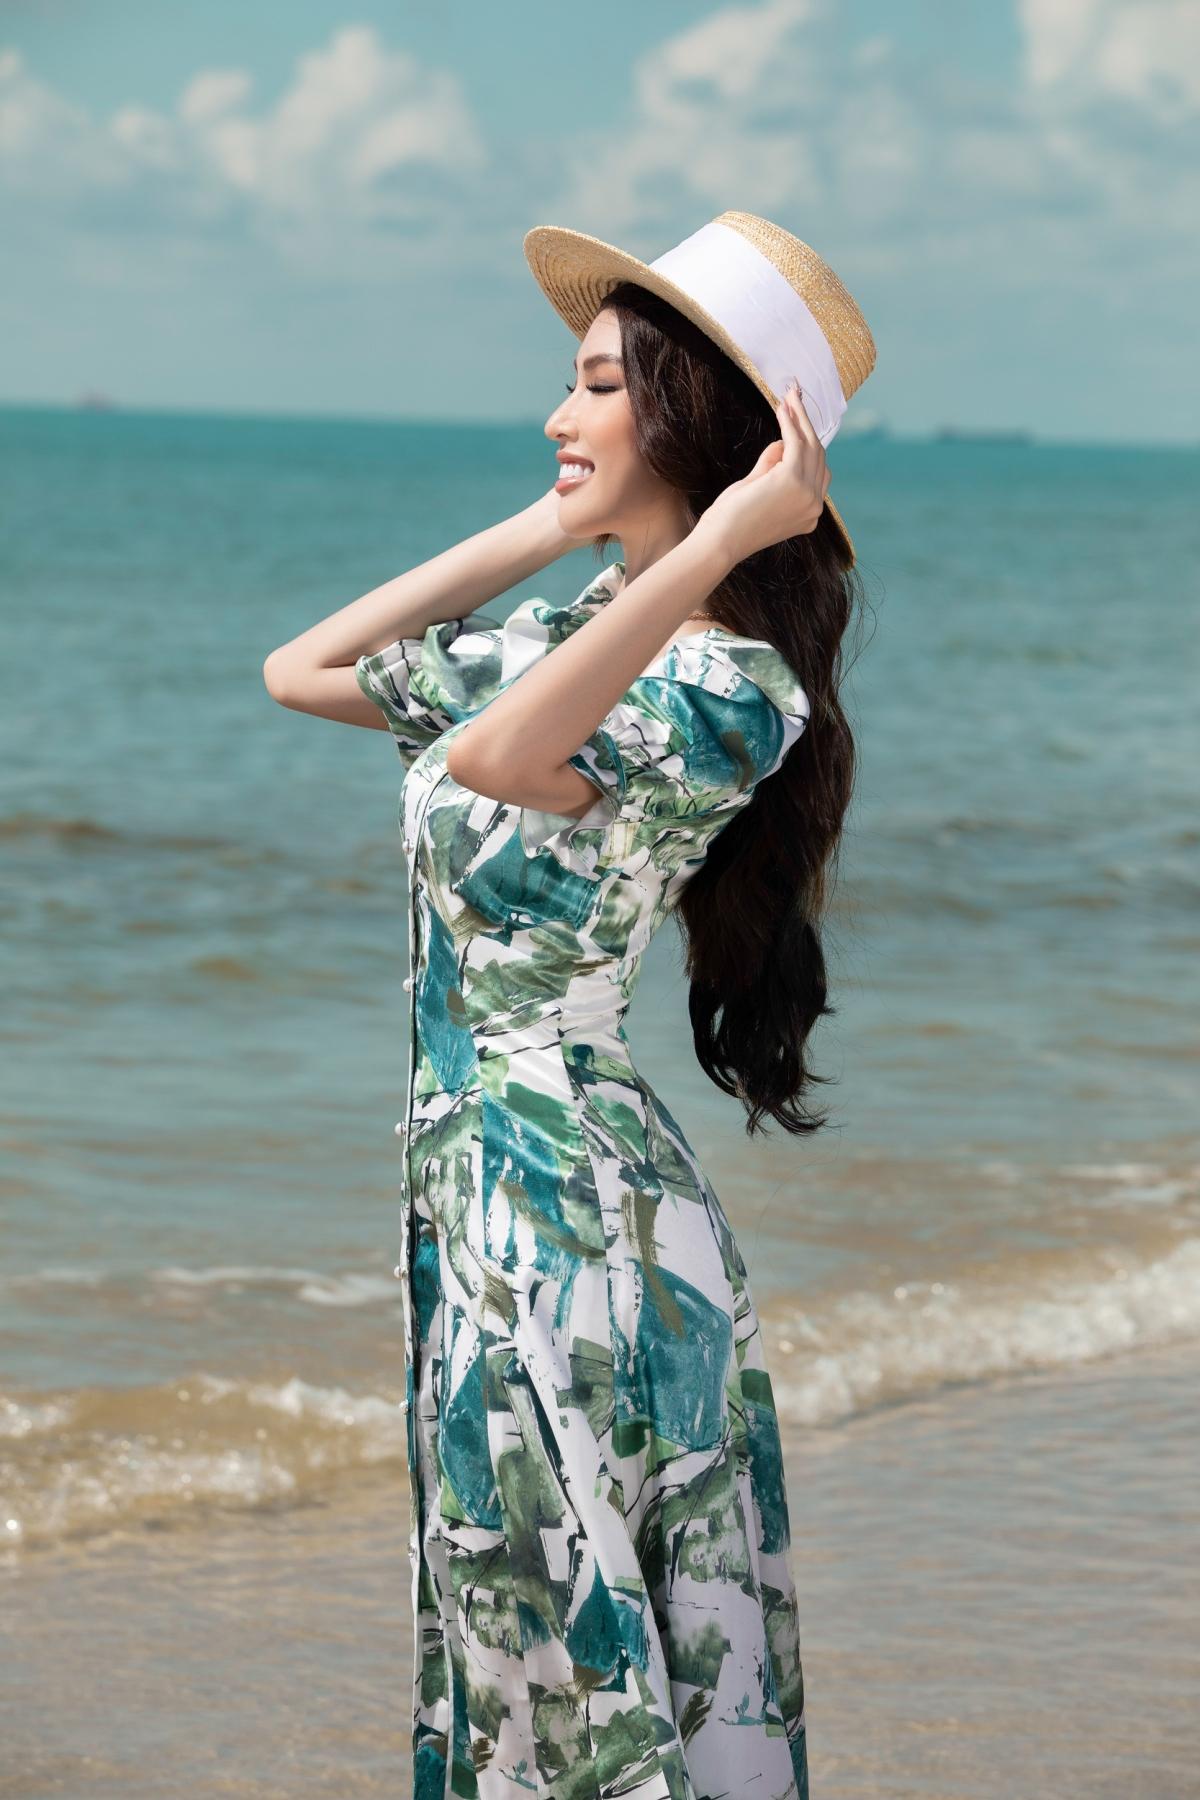 Trong bộ hình khoe sắc của chuyến du lịch biển, Á hậu Ngọc Thảo đã khéo léo khoe dáng dưới khung cảnh nên thơ dưới ánh nắng hè cùng những bộ váy đi biển.